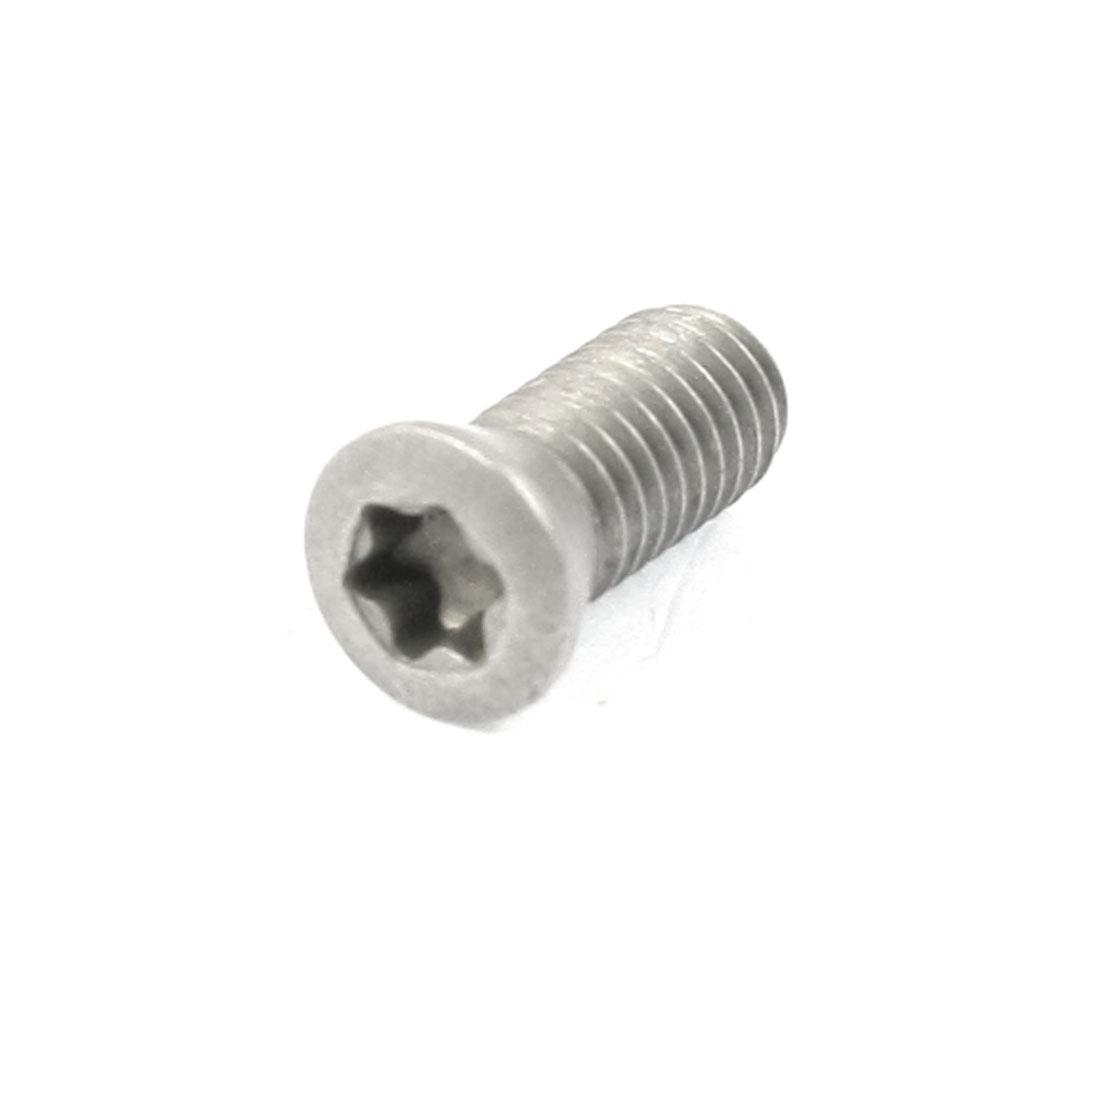 M5x12mm Insert Torx Head Socket Self Tapping Screw Bolt Dark Gray